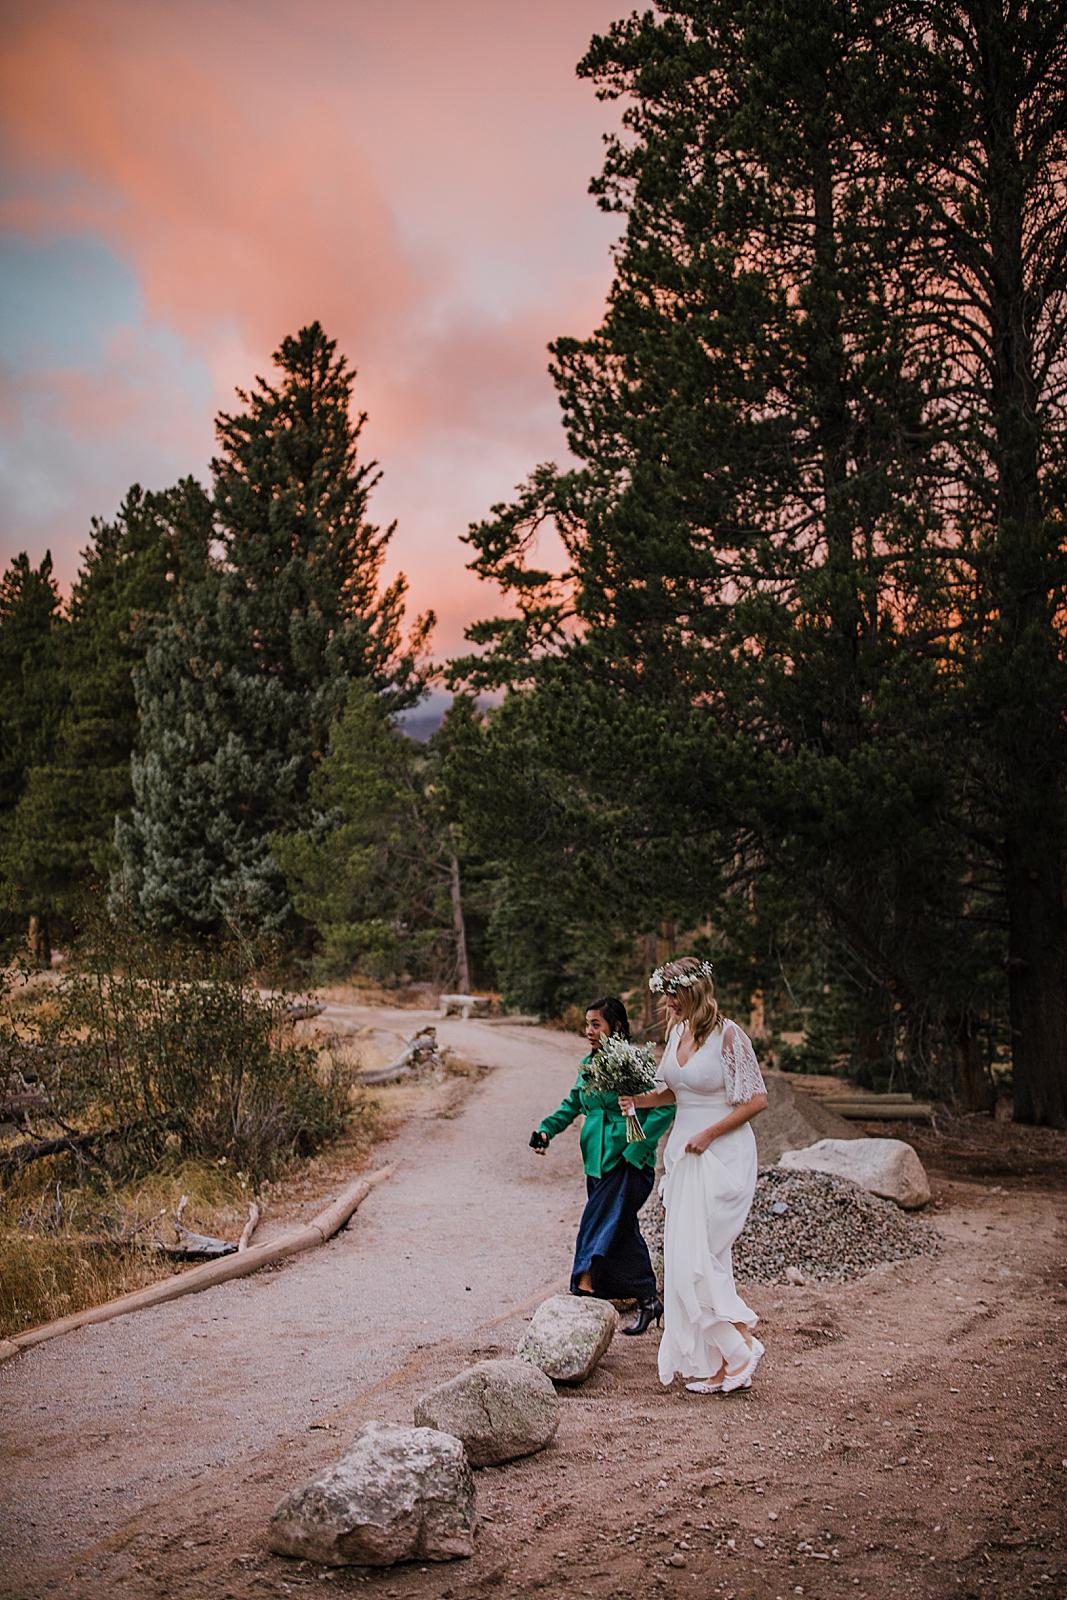 sunrise at sprague lake, colorado elopement, sprague lake elopement, sprague lake wedding, rocky mountain national park elopement, adventurous colorado hiking elopement